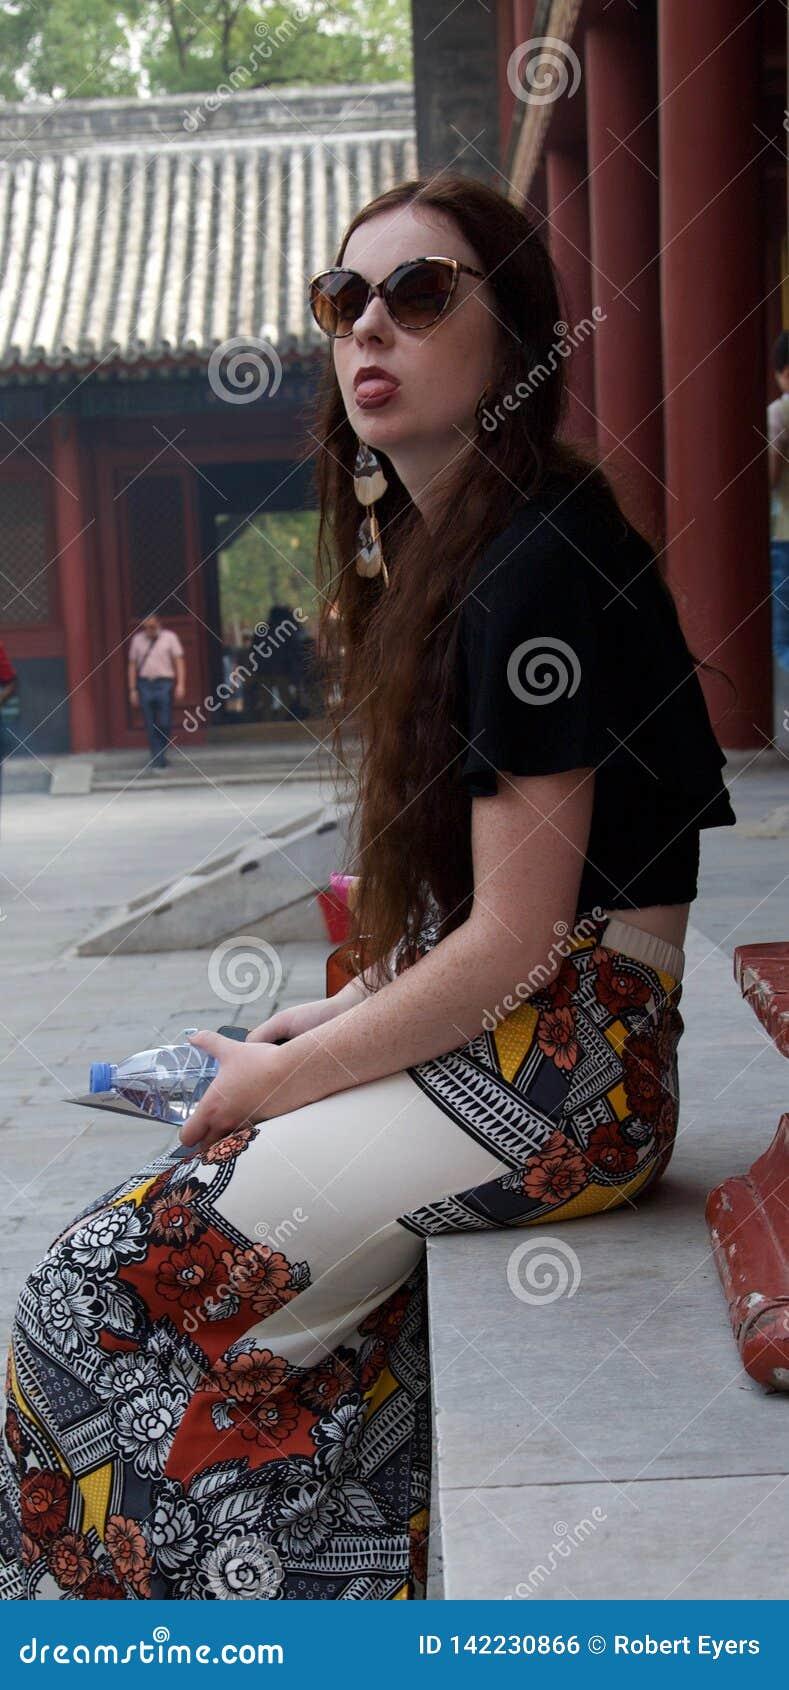 Hipisa klejenia żeński turystyczny jęzor przy za kamerze